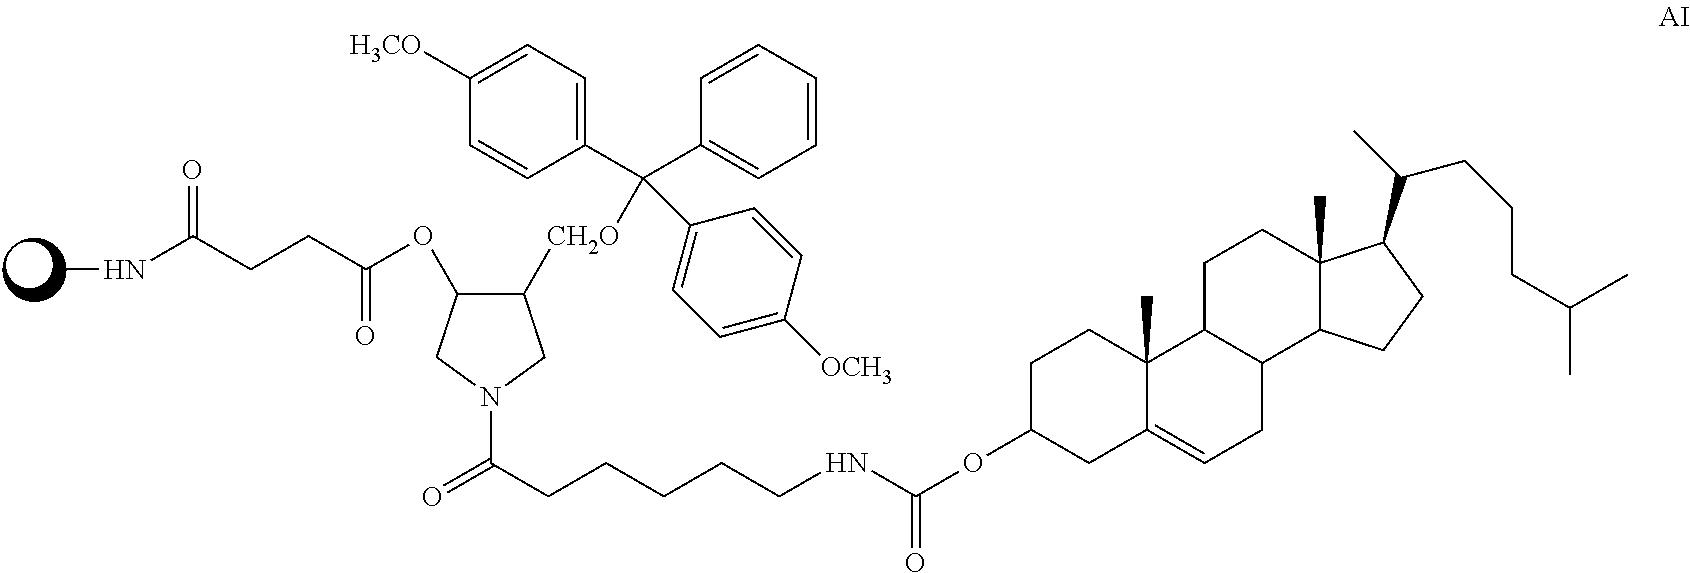 Figure US10273482-20190430-C00009